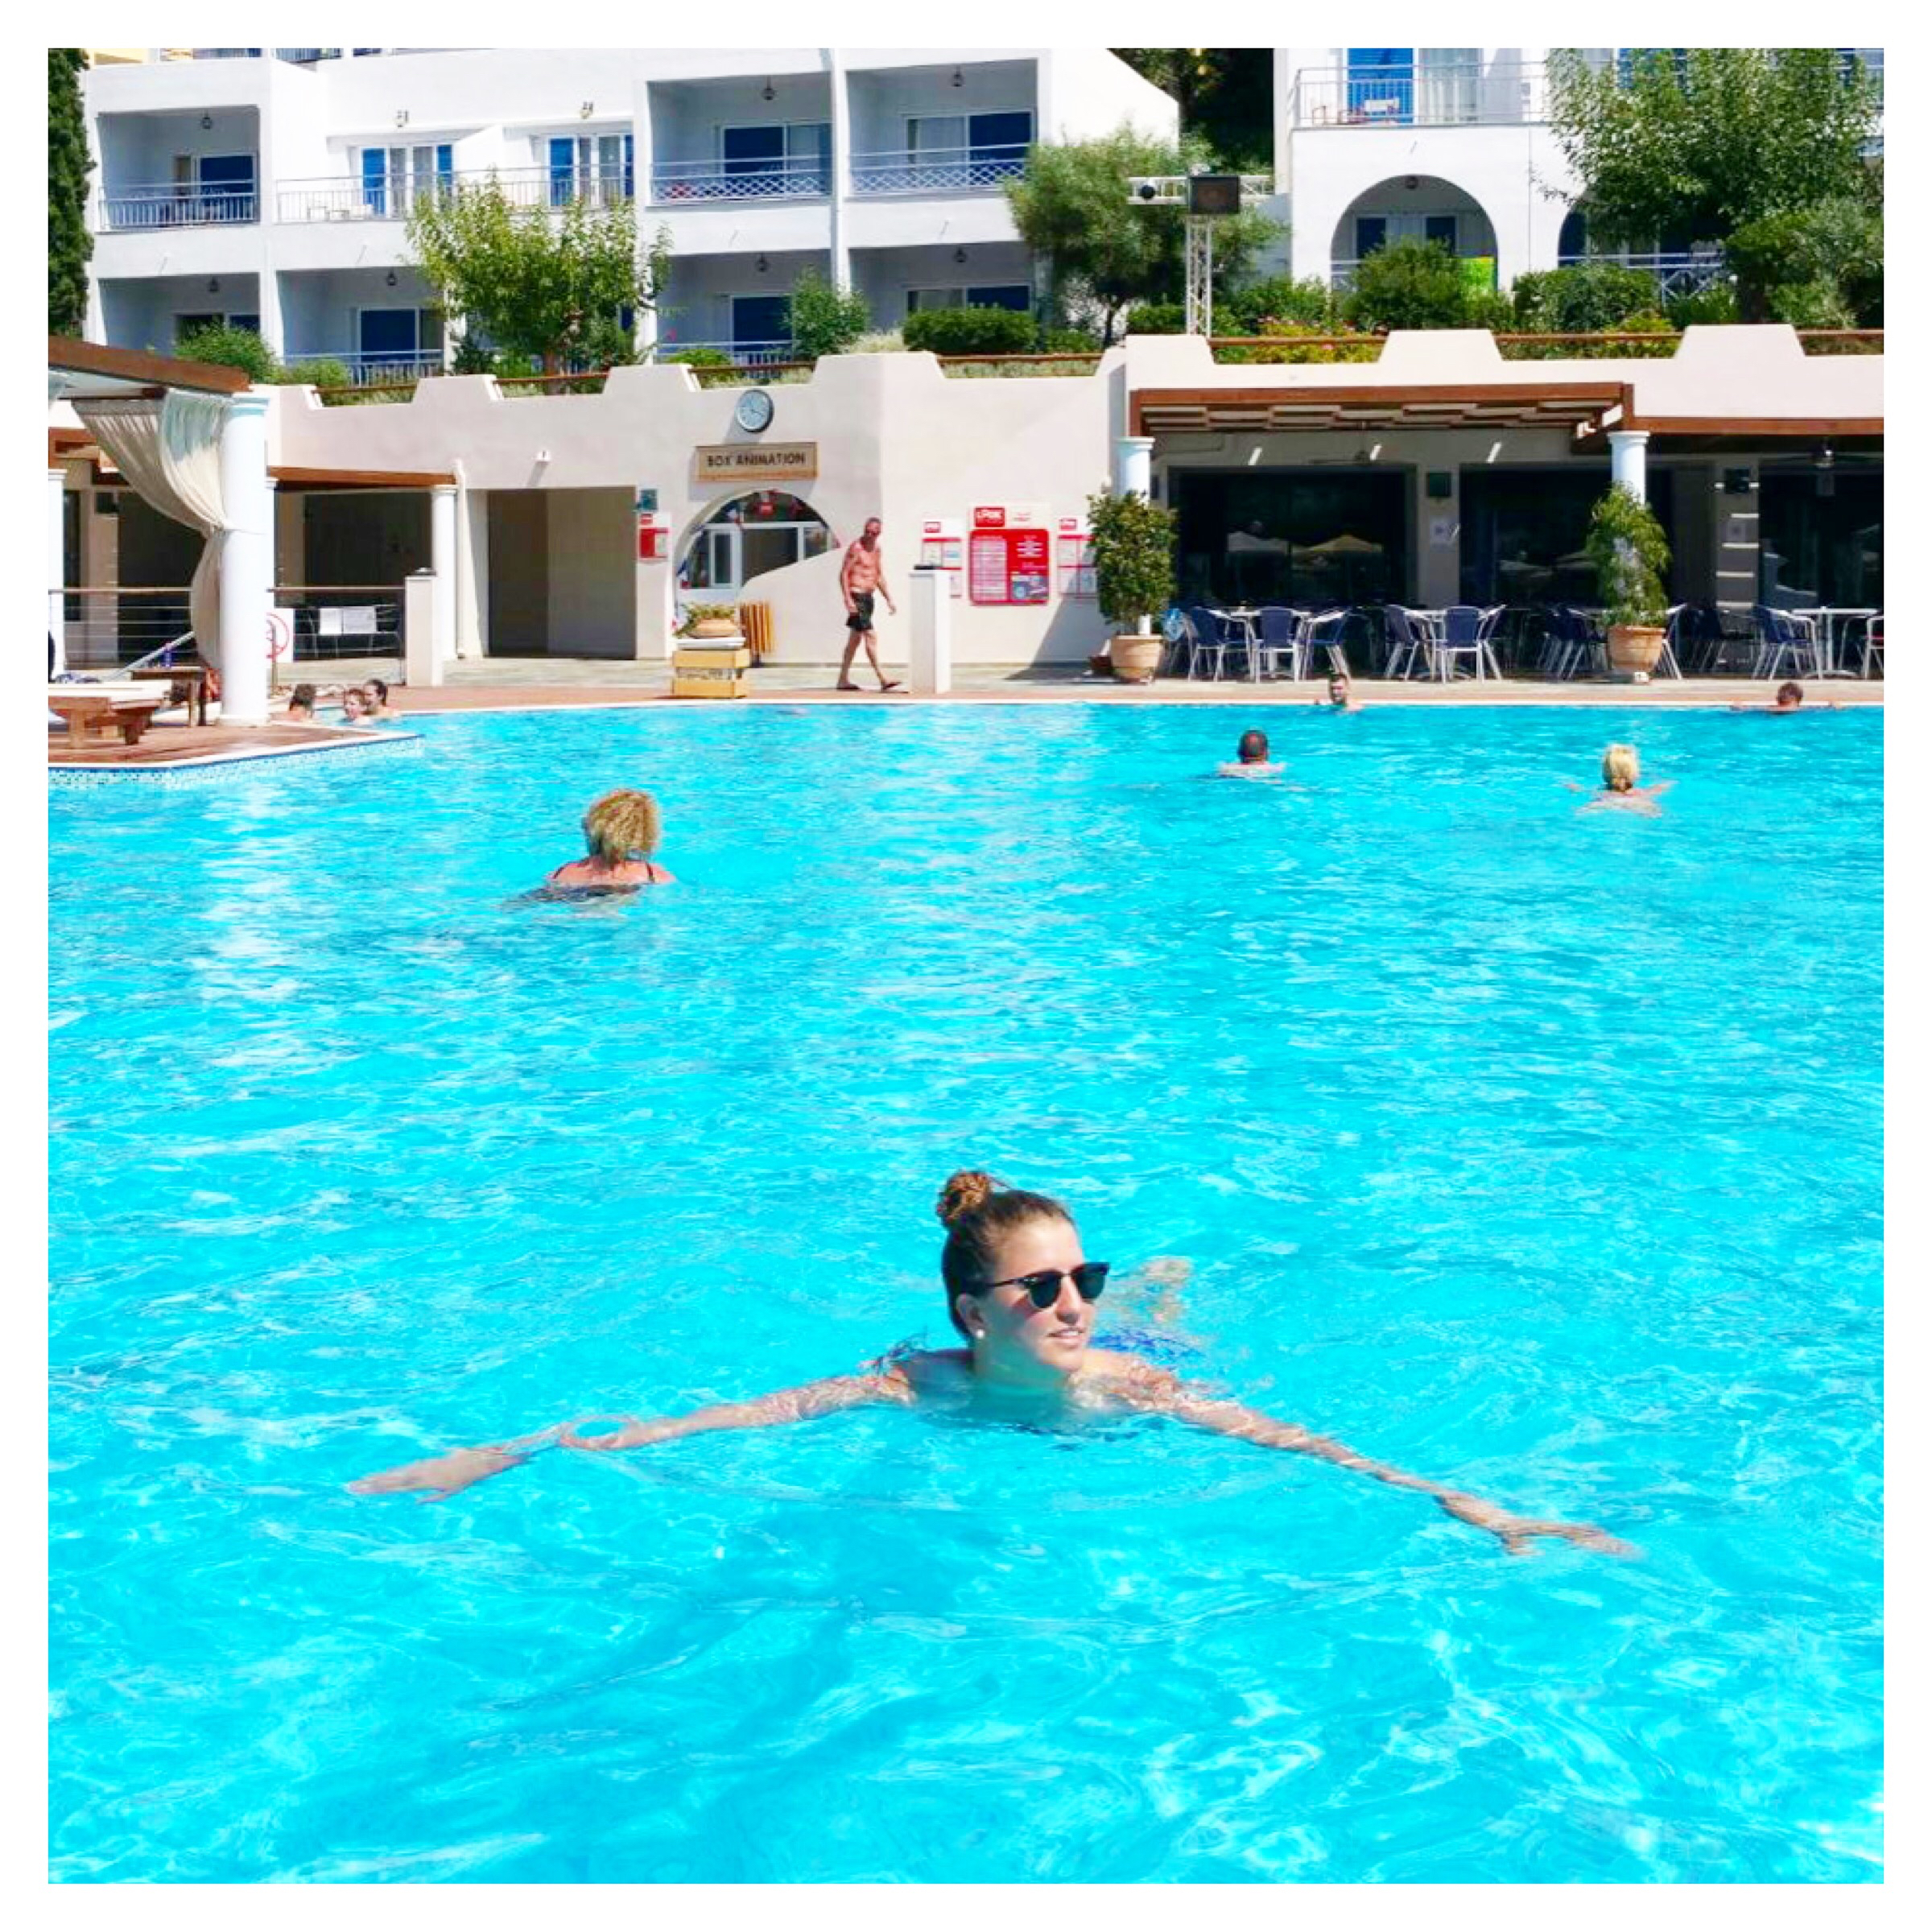 athen-klara-fuchs-österreich-reiseblog-blogger-reise-fitnessblog-fitness-sport-blog-graz-8